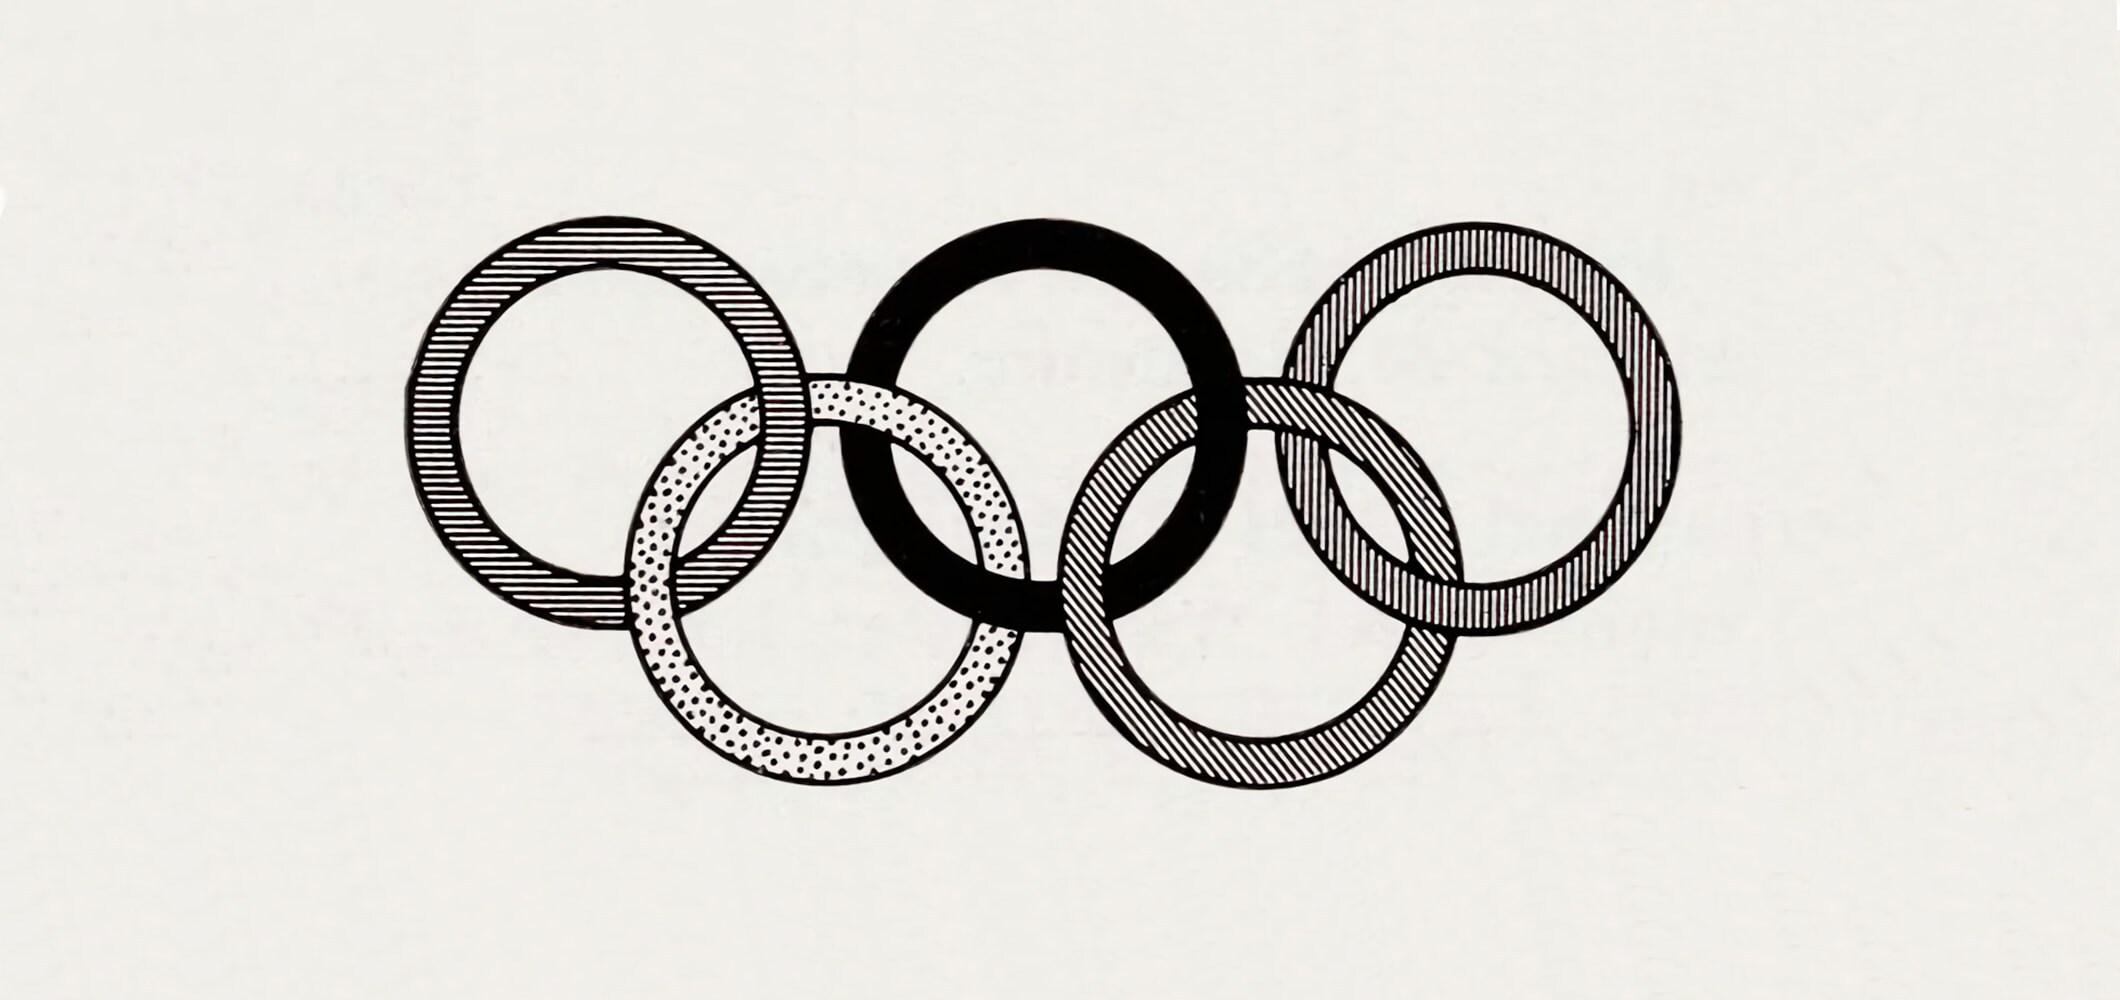 Les anneaux olympiques - 1957